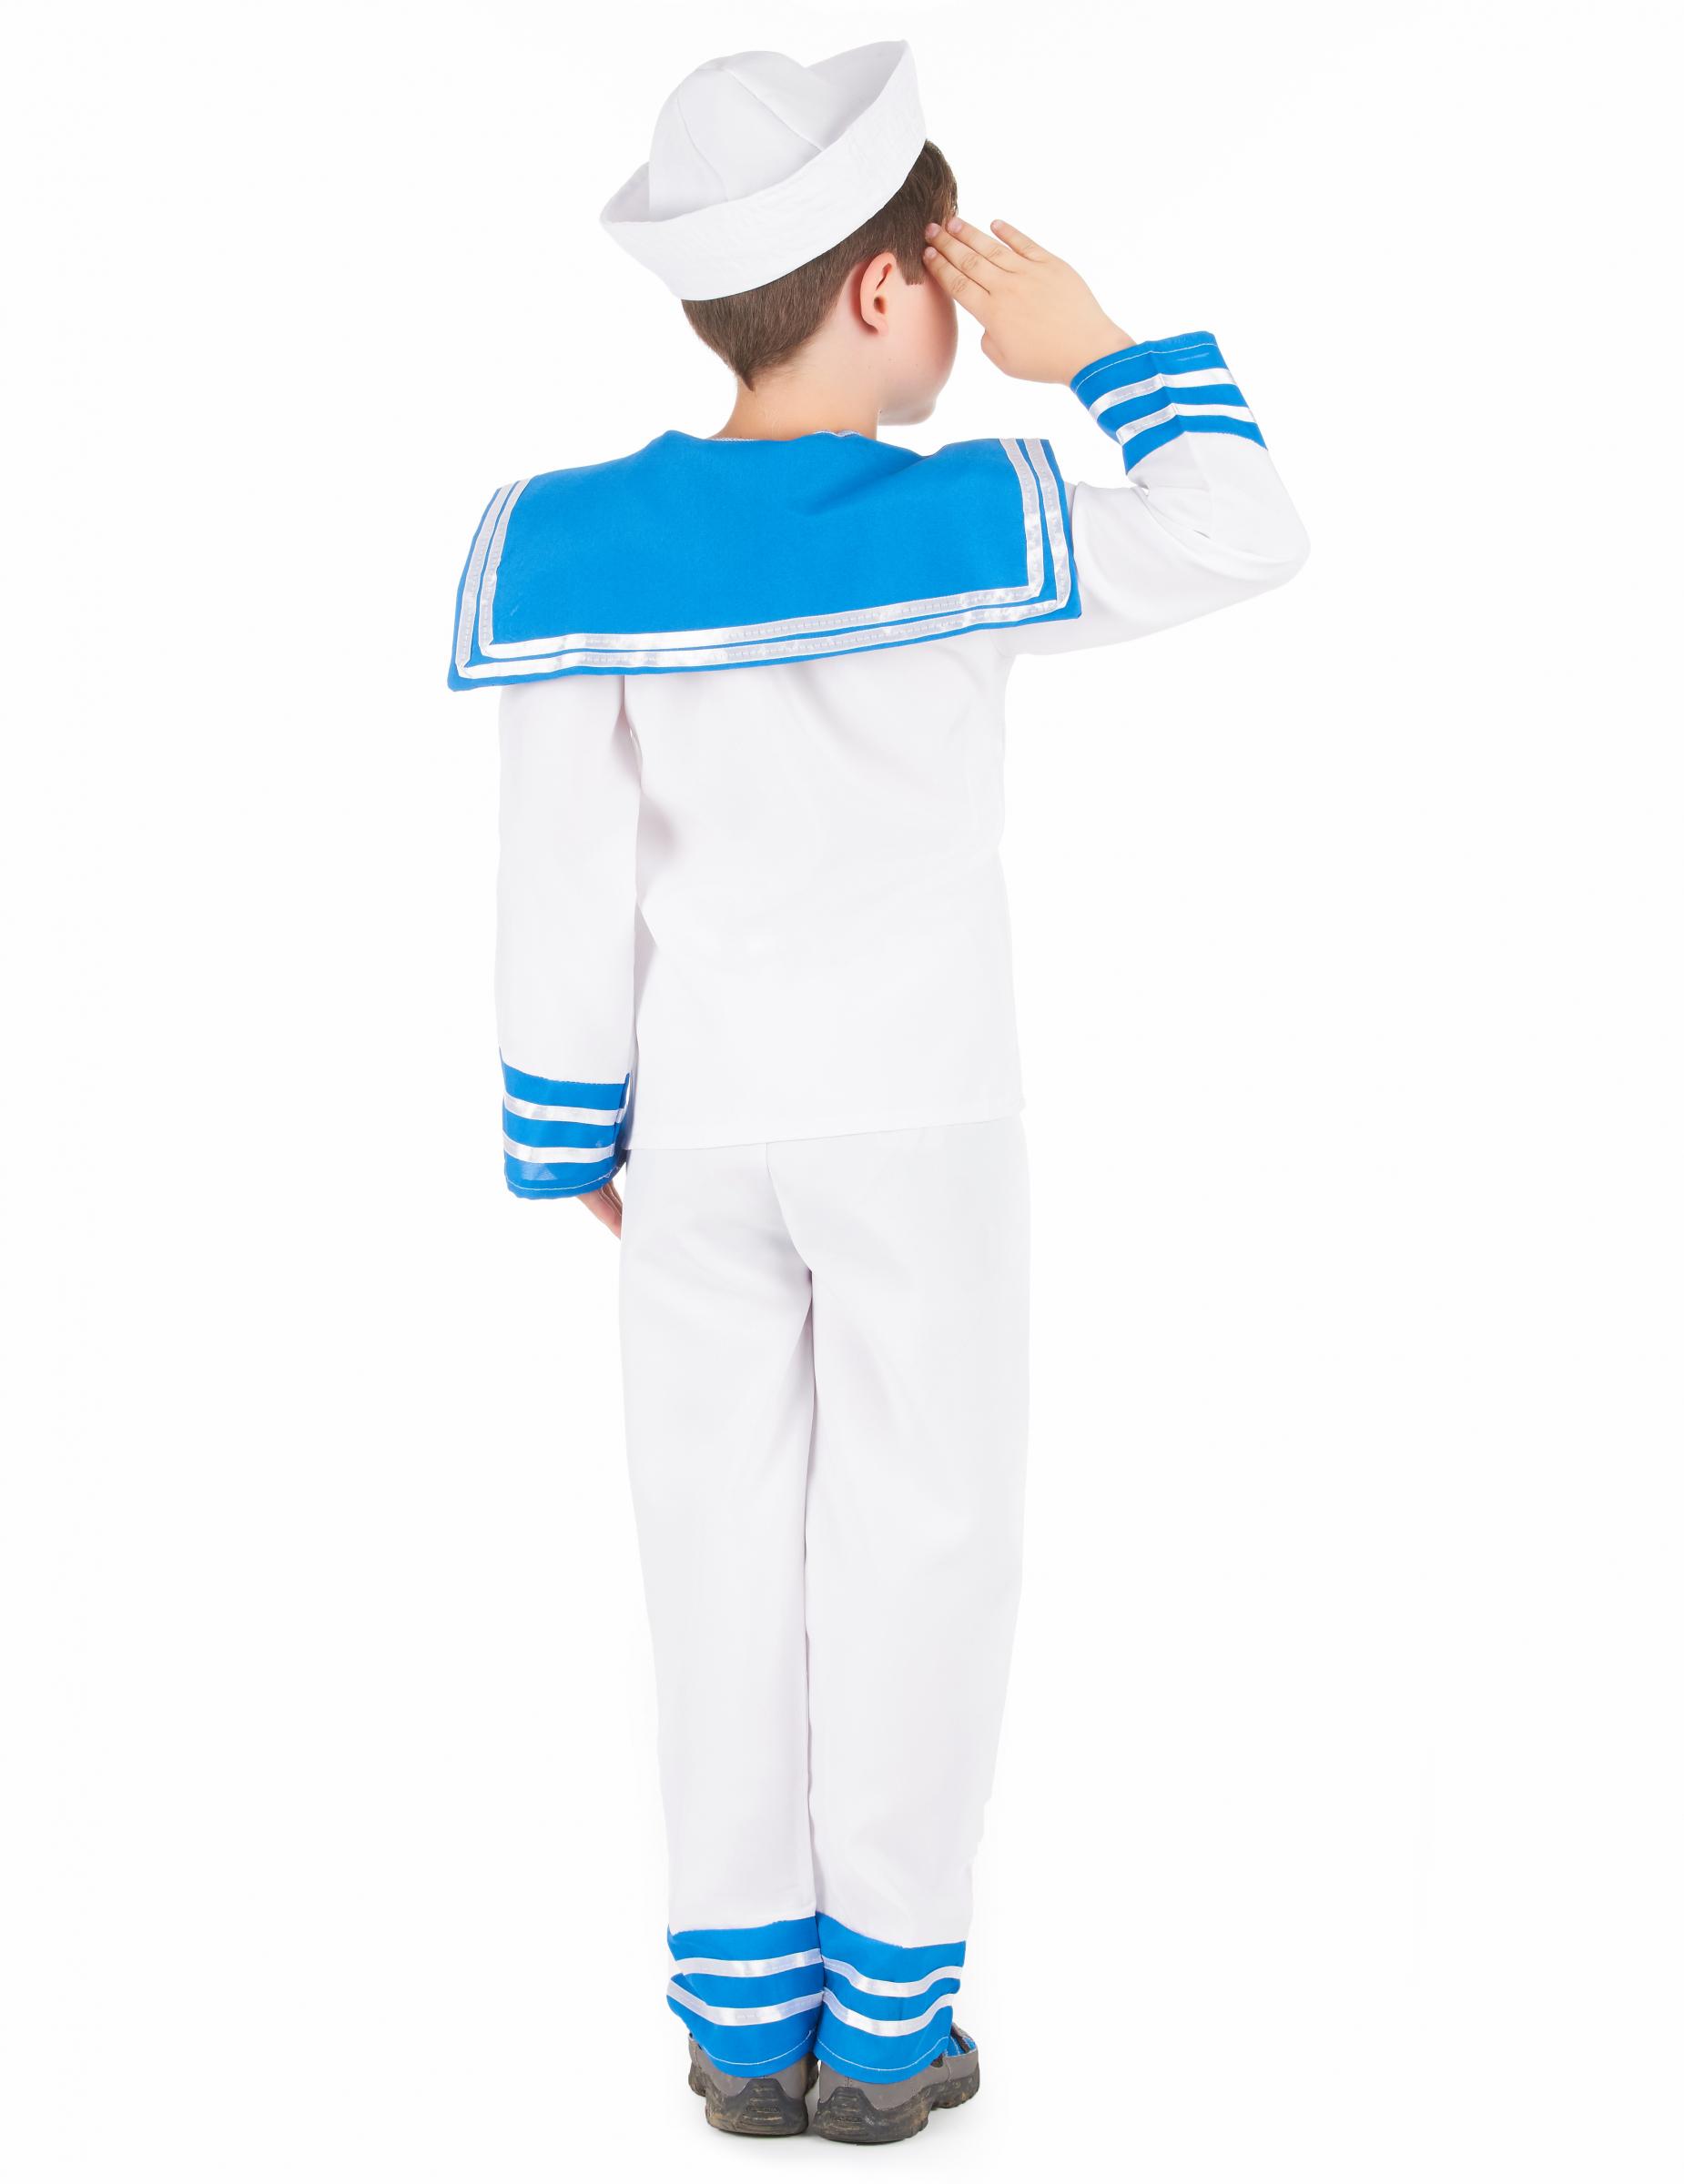 Bambino Marinaio Marinaio Bambino Vestito Vestito Da Bambino Da 9EIWDH2